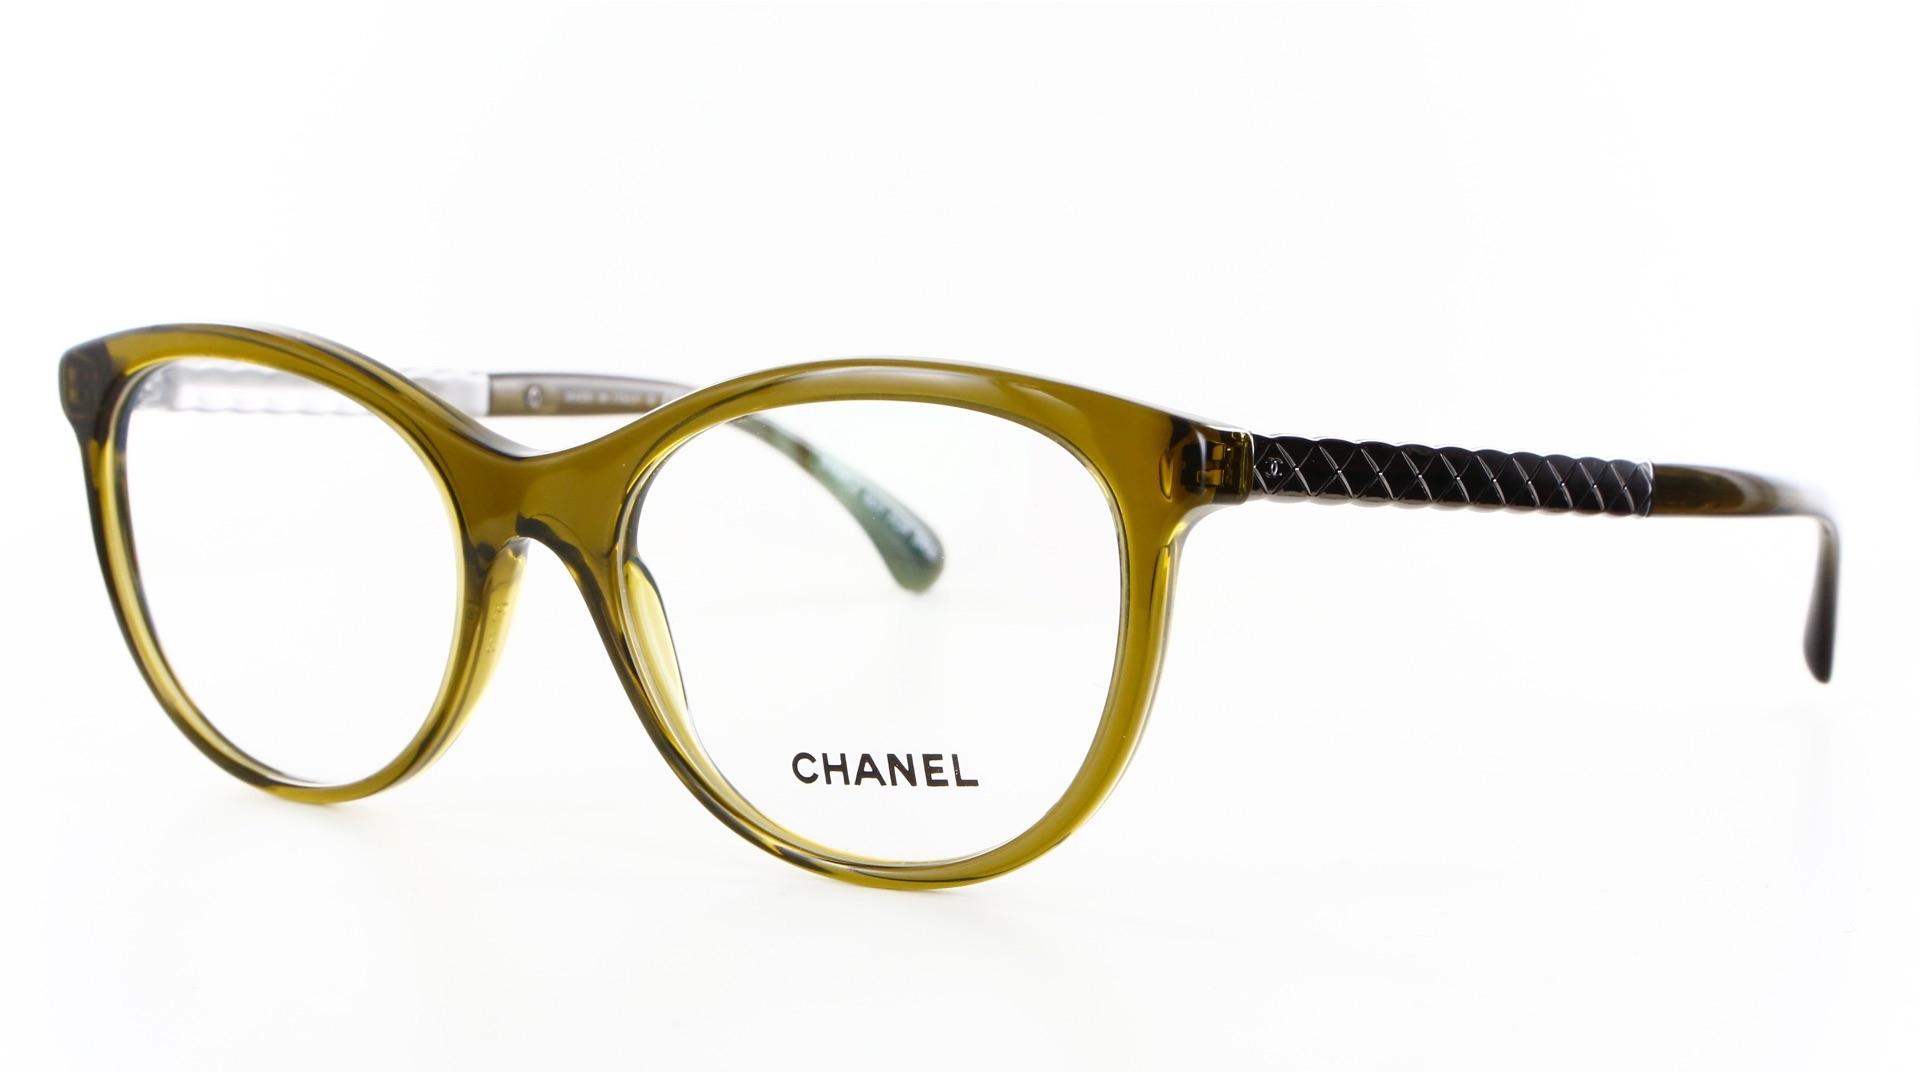 Chanel - ref: 77847